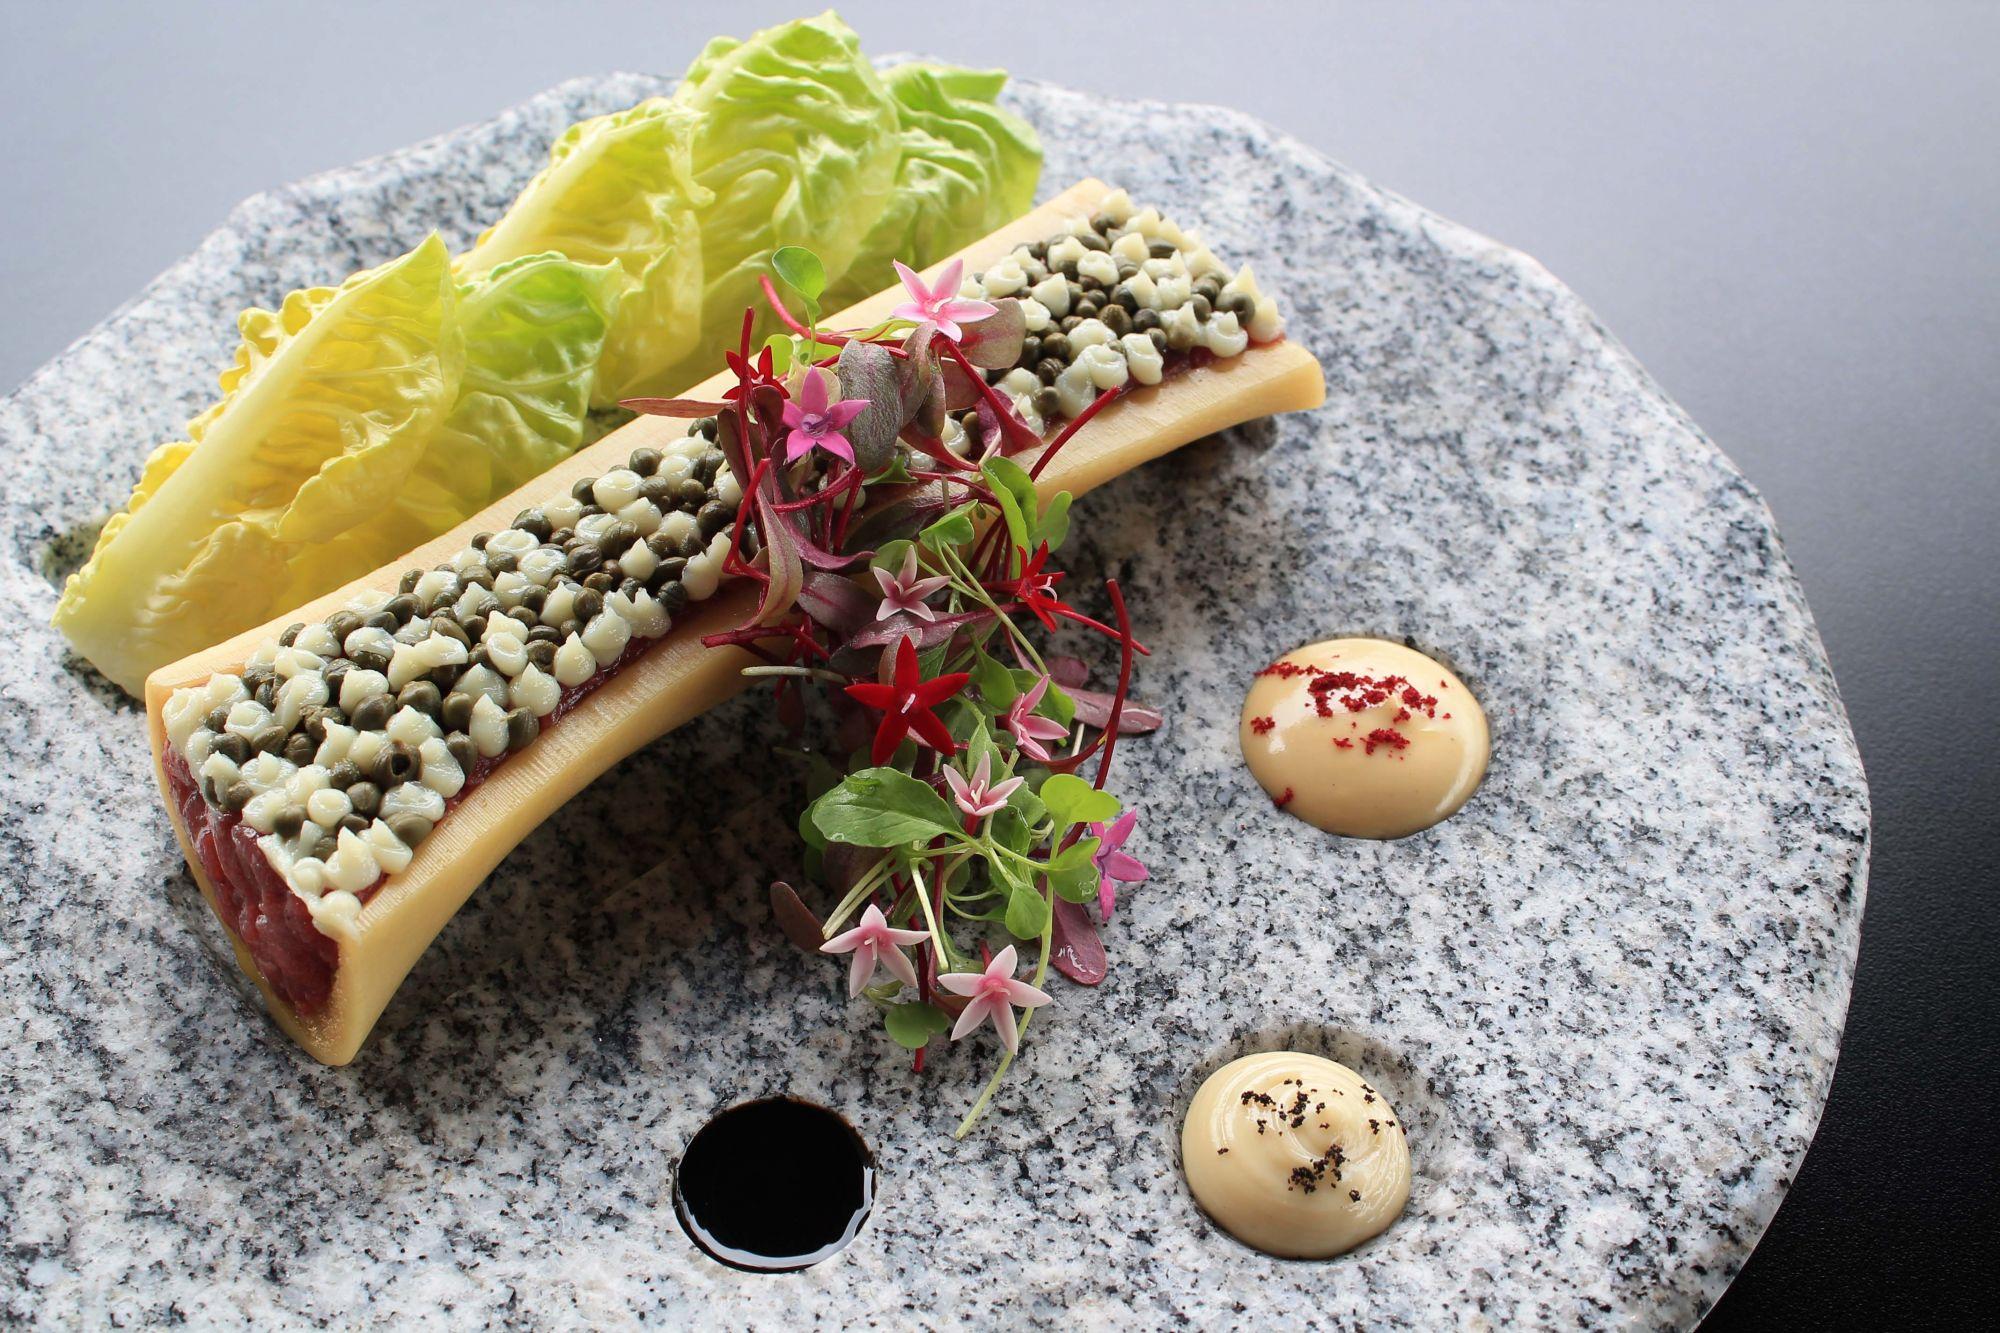 新加坡最佳餐廳指南:峇峇娘惹美食的傳統與創新,「花卉草木」菜系間的完美平衡